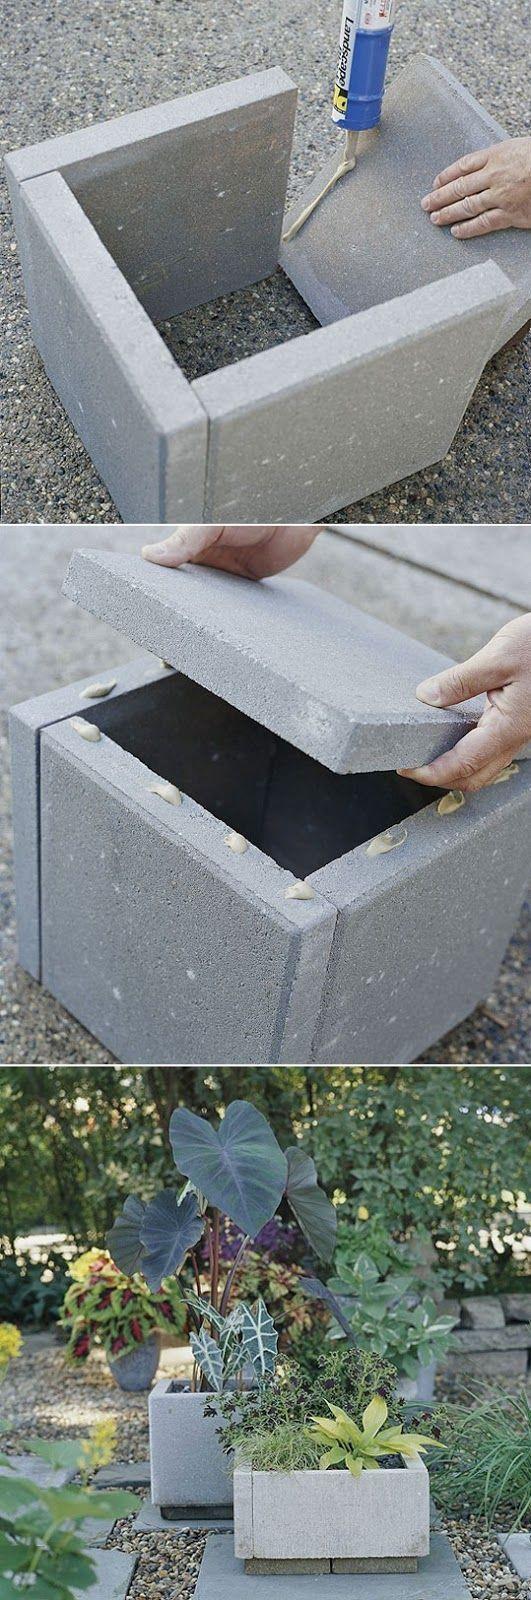 ideas estupendas para embellecer tu casa con concreto de hormign